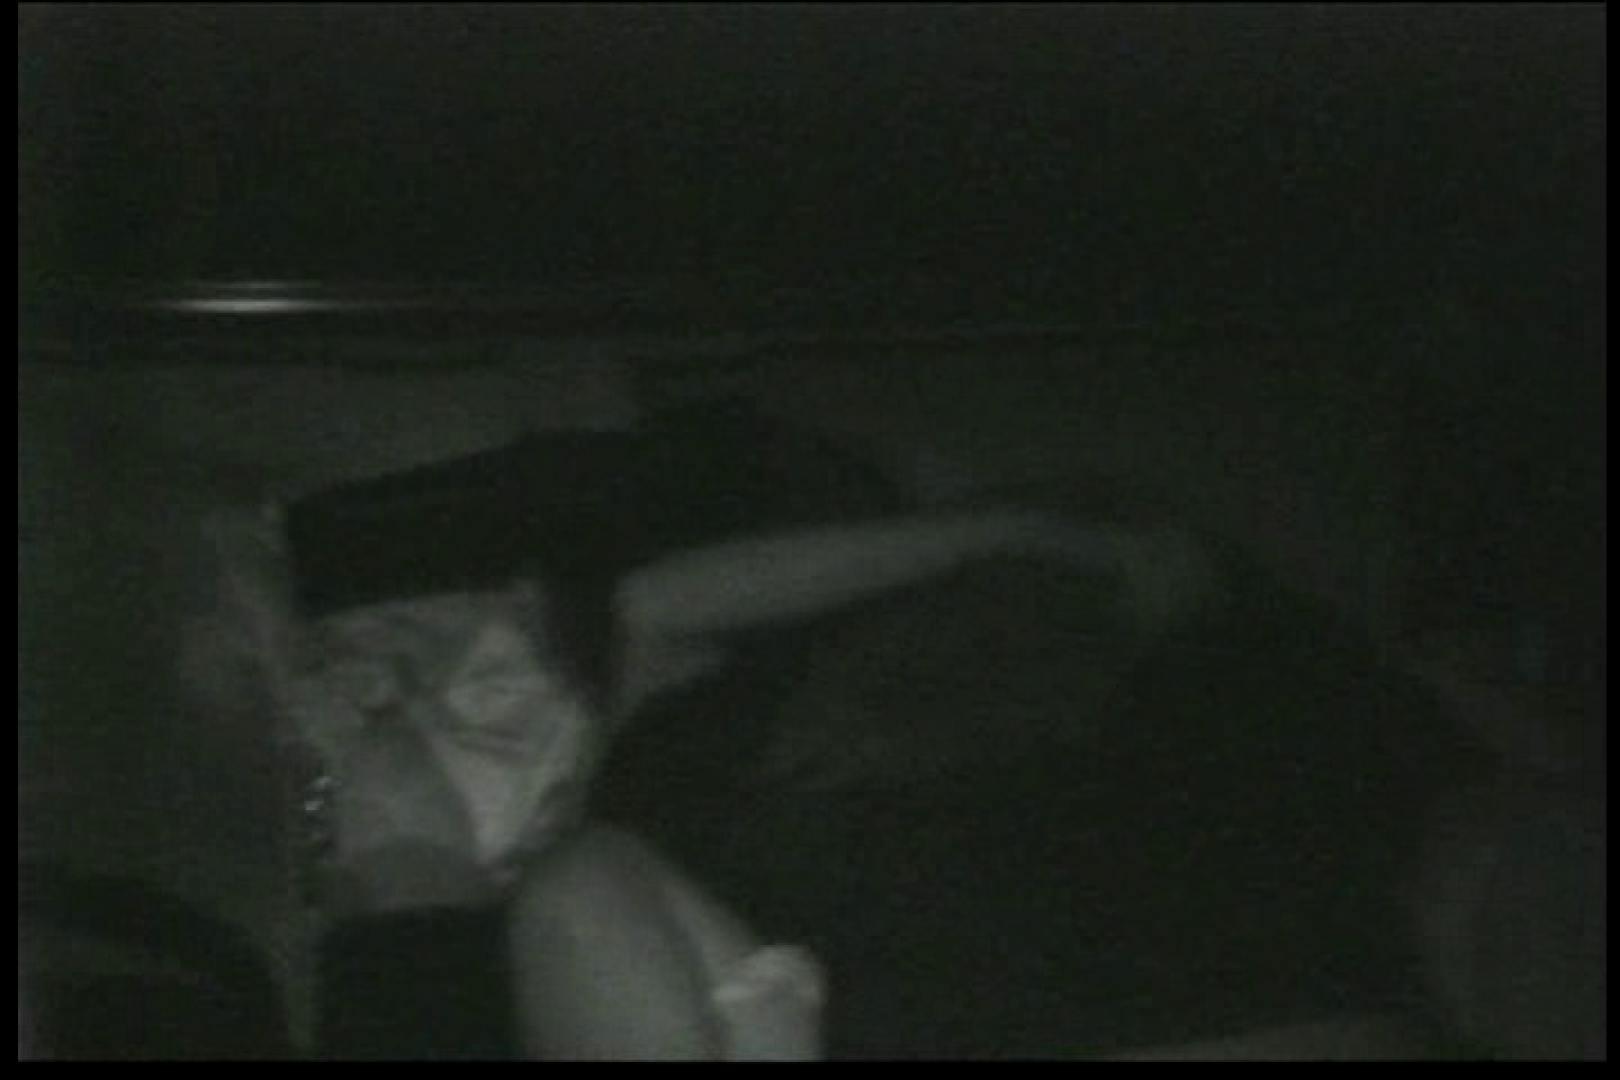 車の中はラブホテル 無修正版  Vol.12 望遠  35pic 8